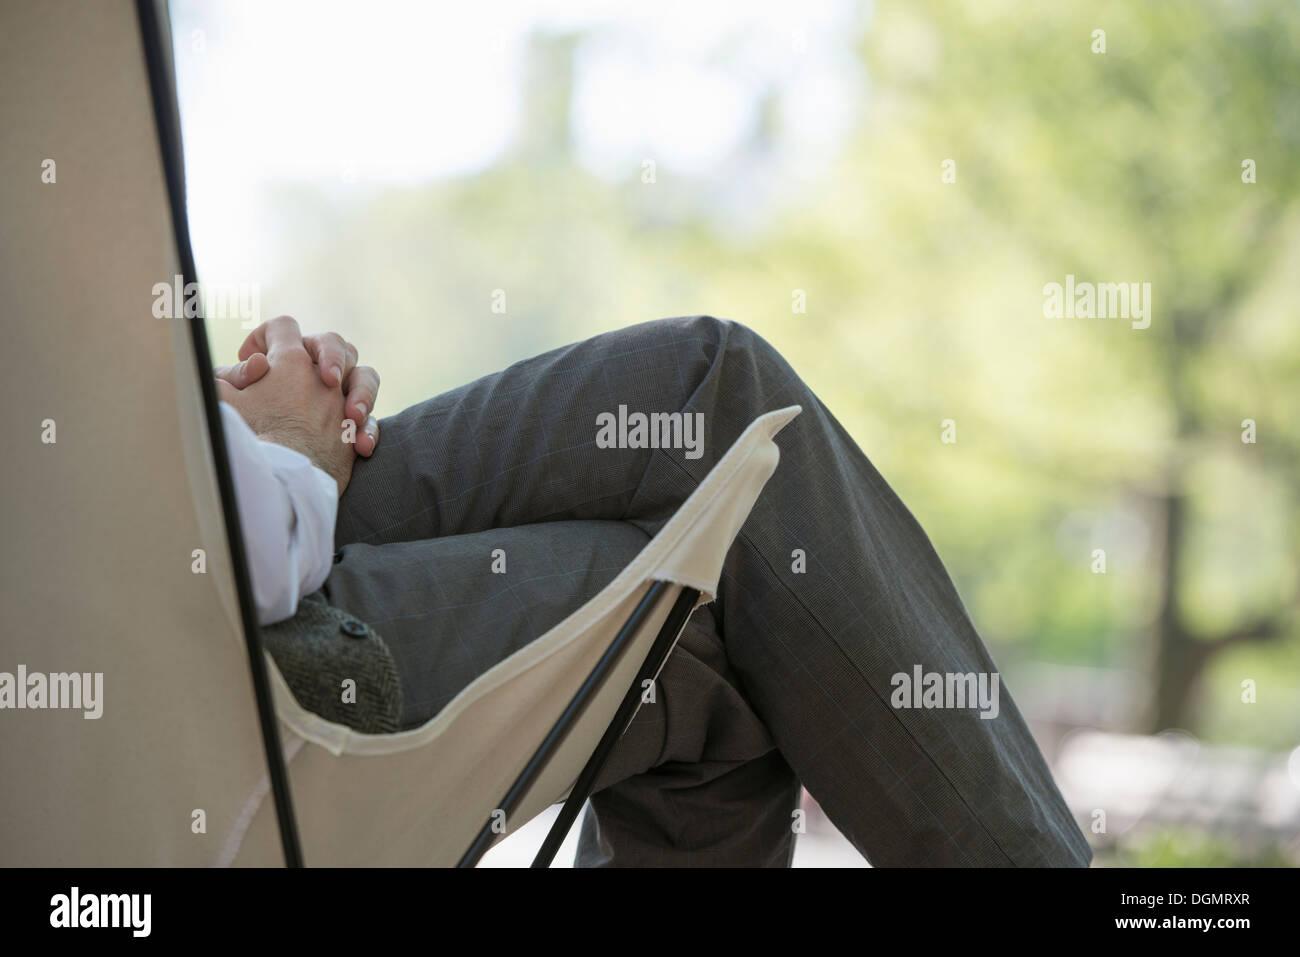 La vie en ville. Un homme assis dans un fauteuil de camping en toile dans le parc. Photo Stock